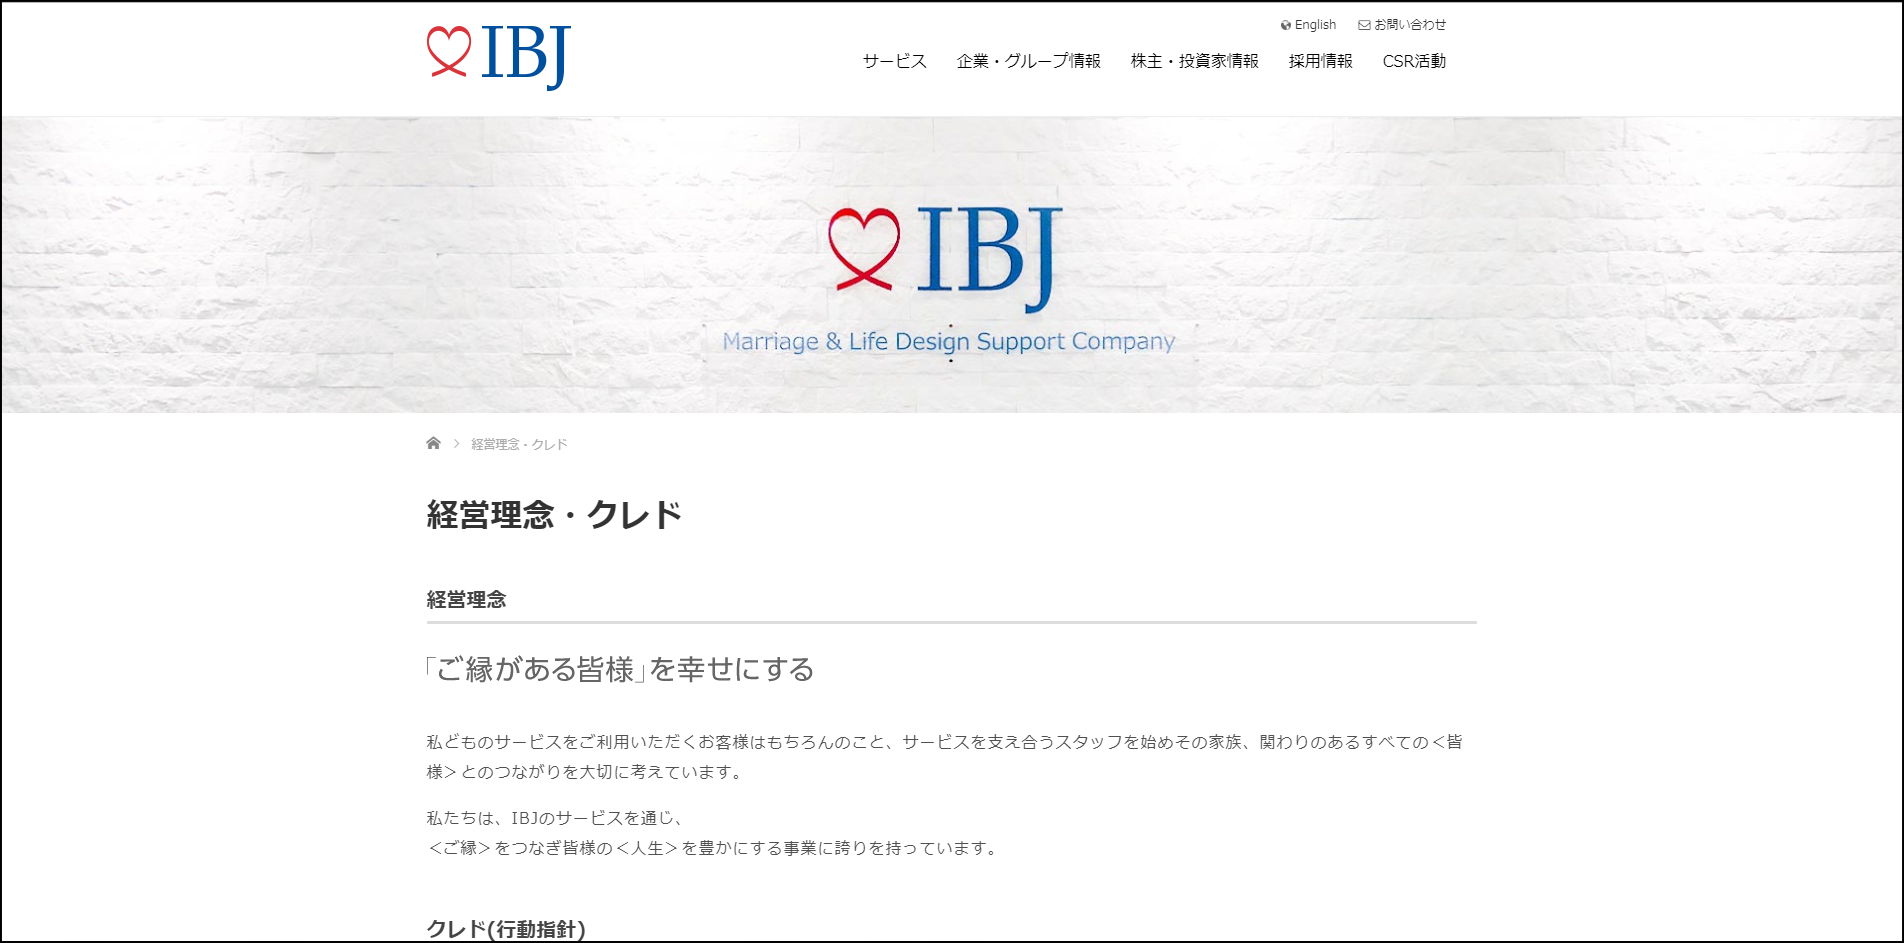 株式会社IBJ様